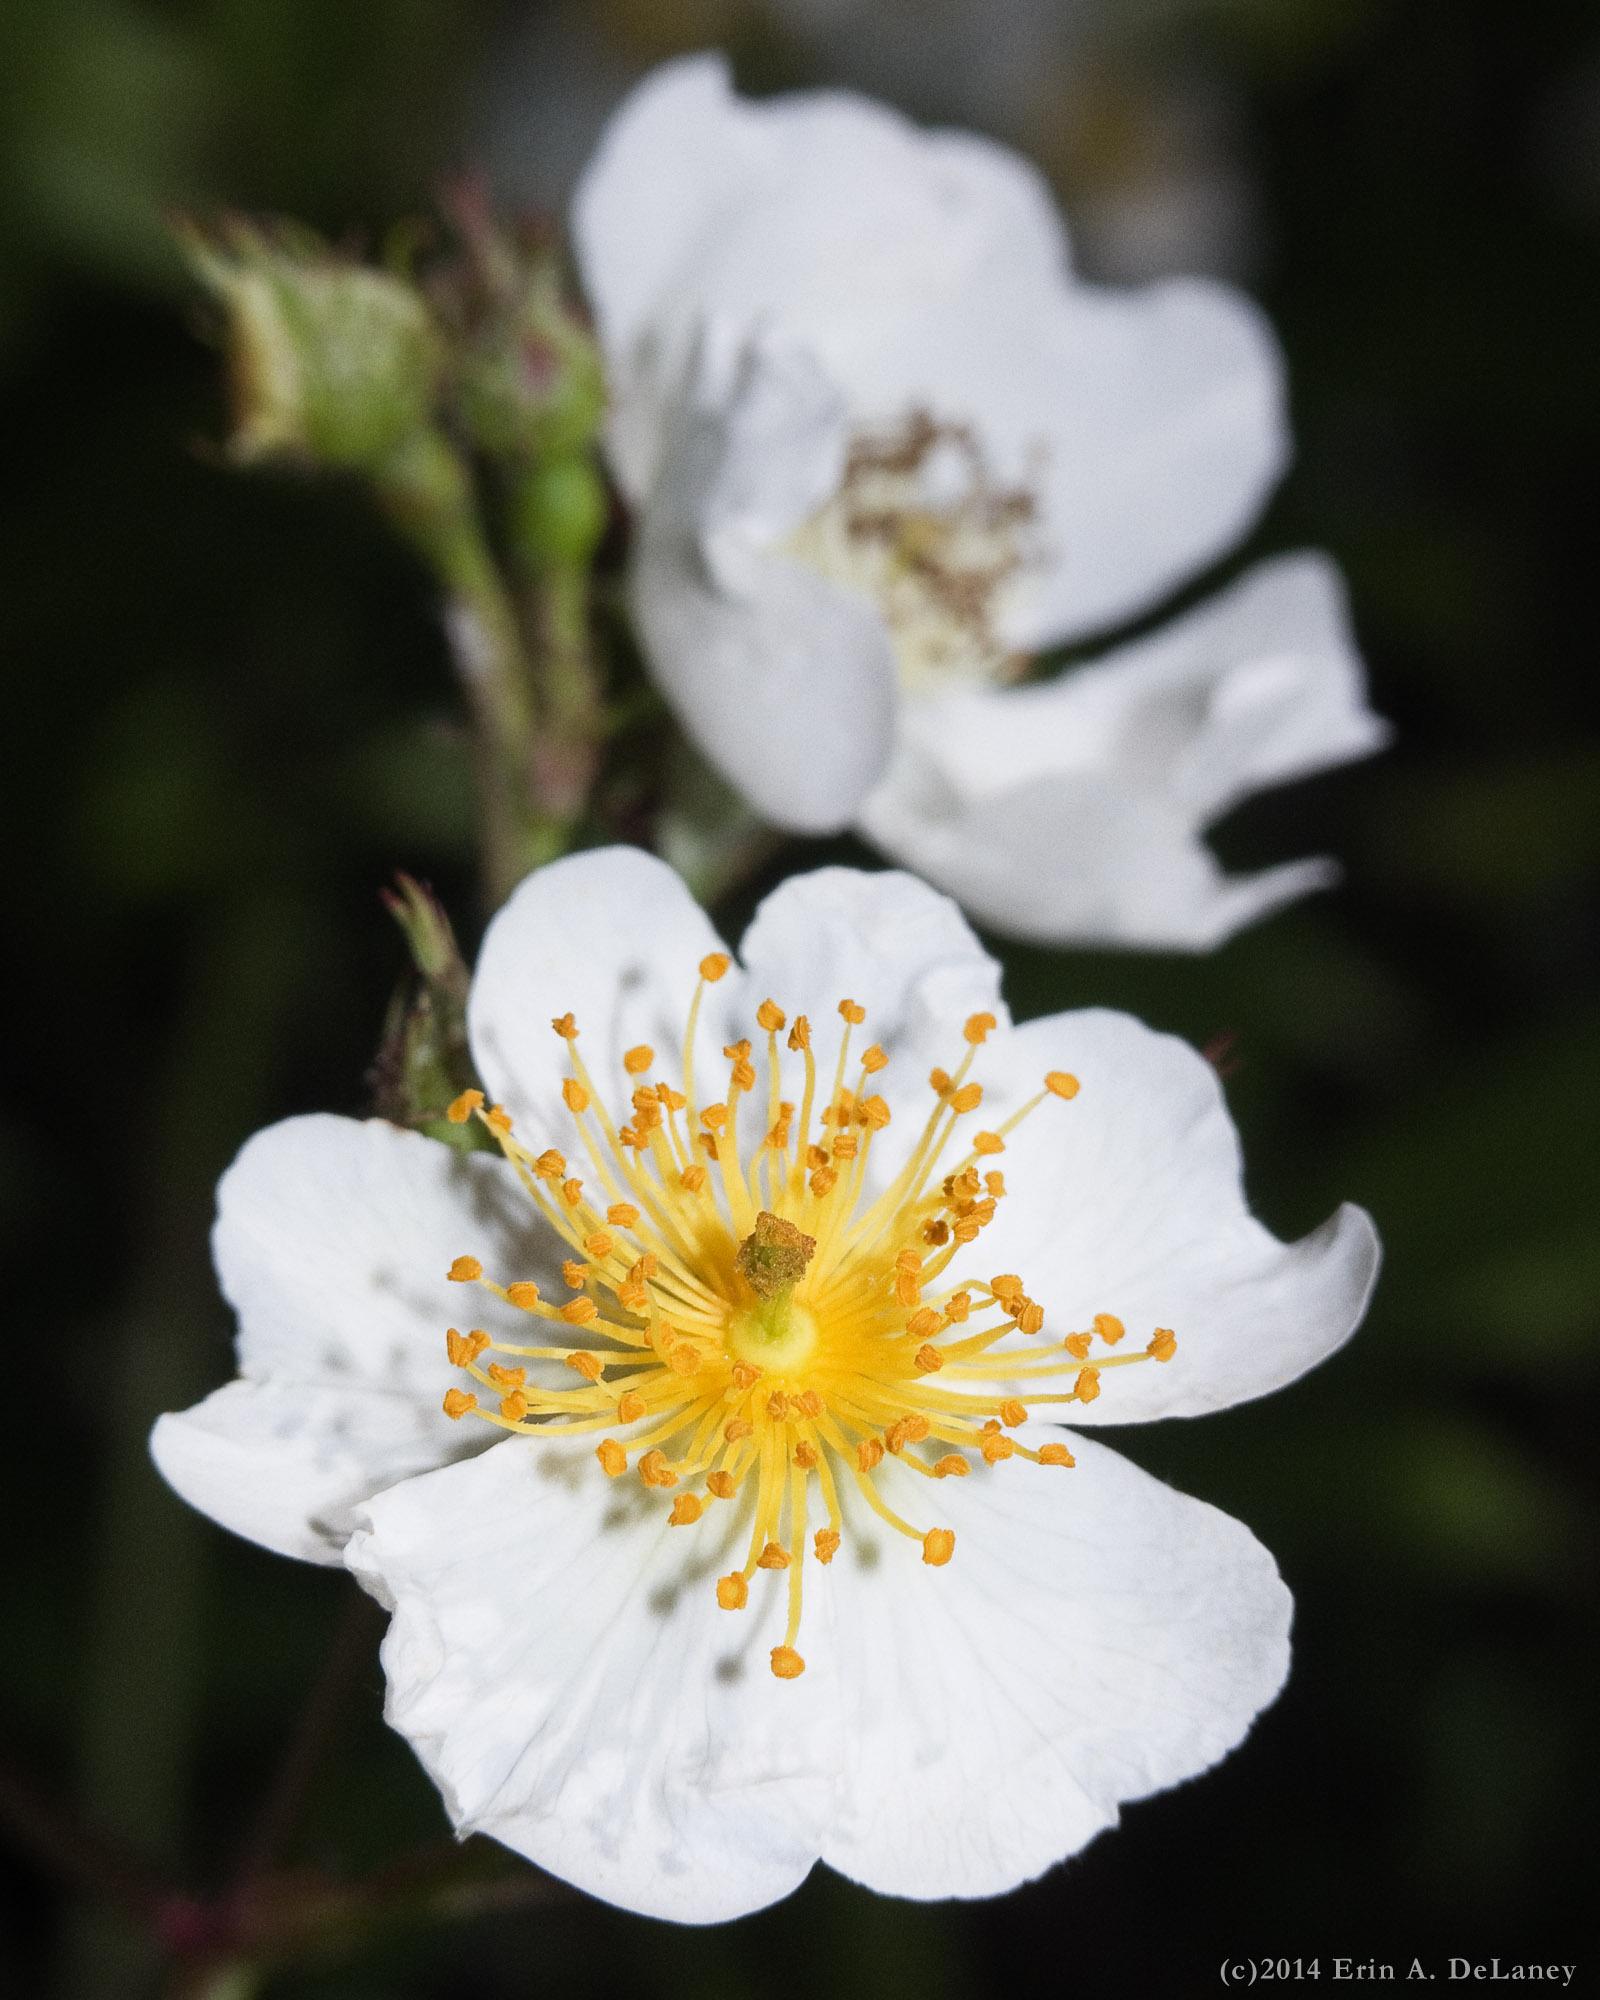 Raspberry Blossom, 2014